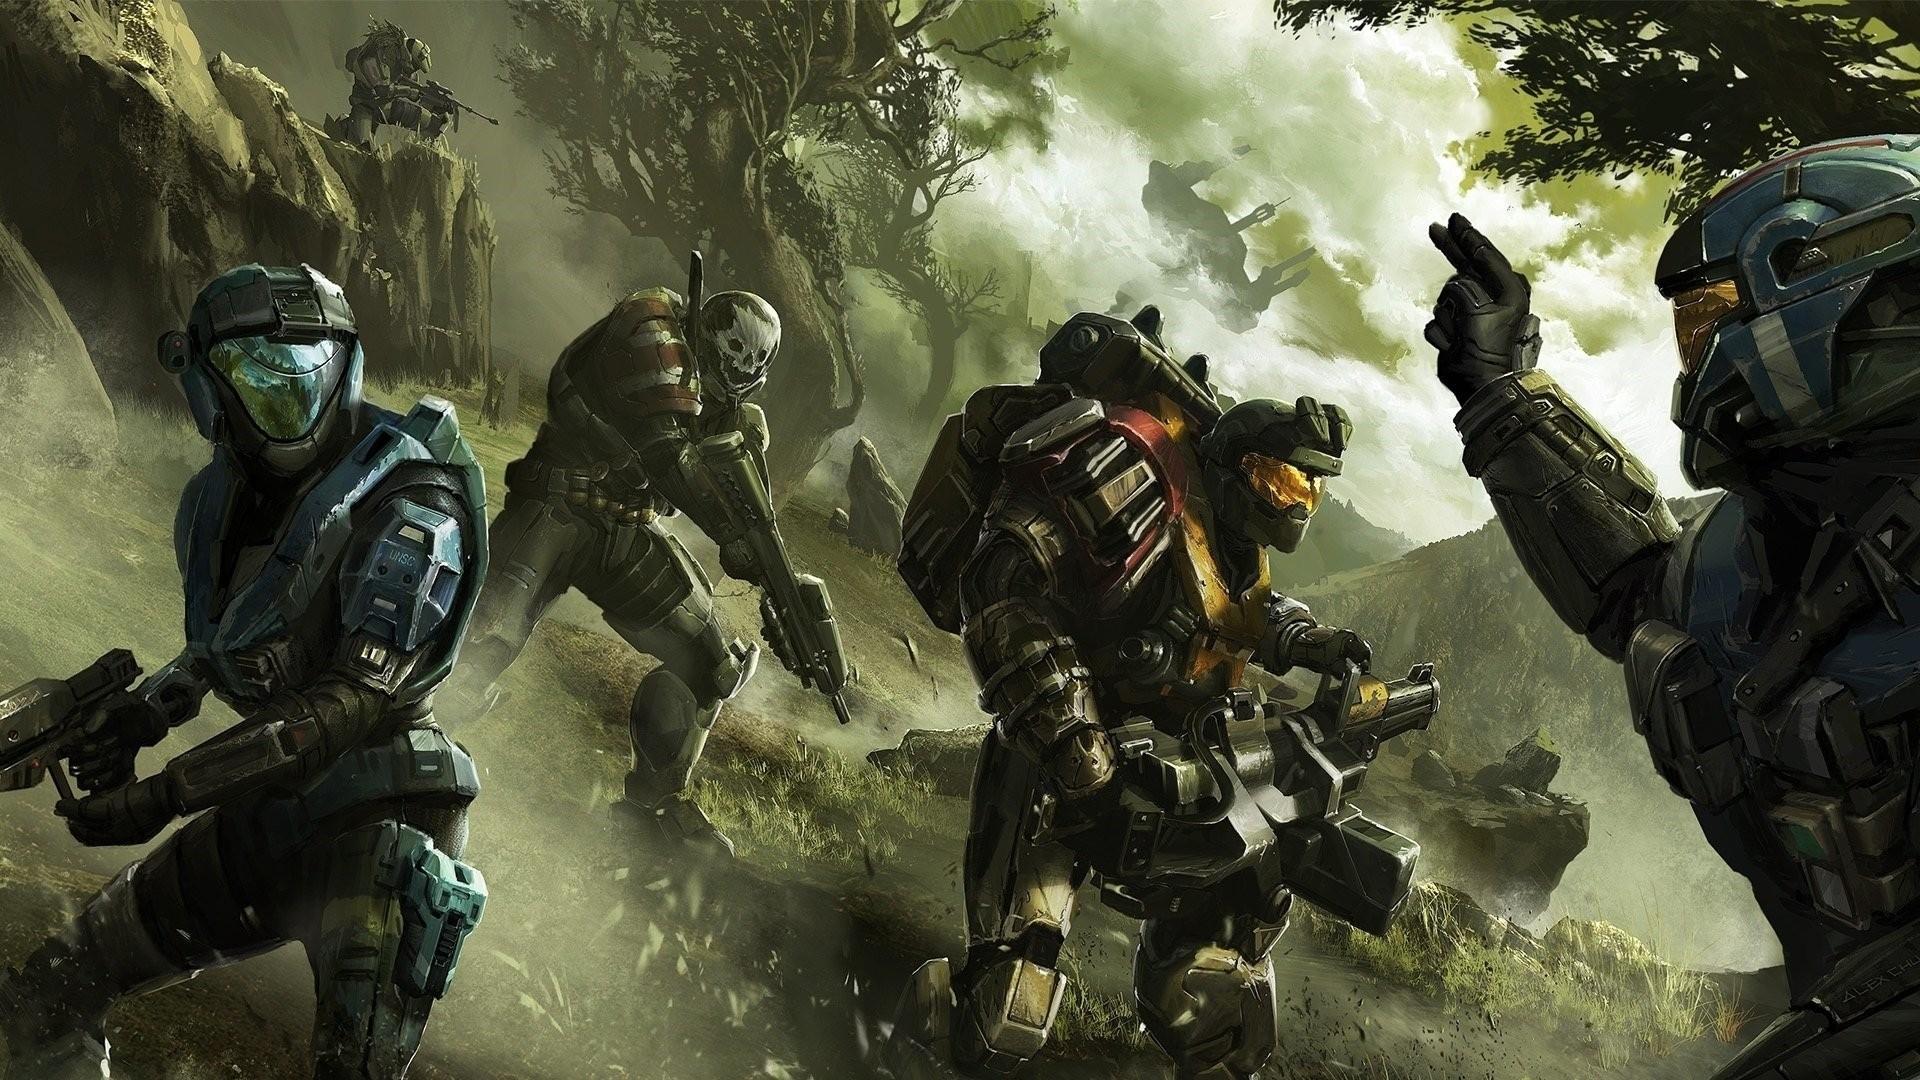 Halo Reach Picture